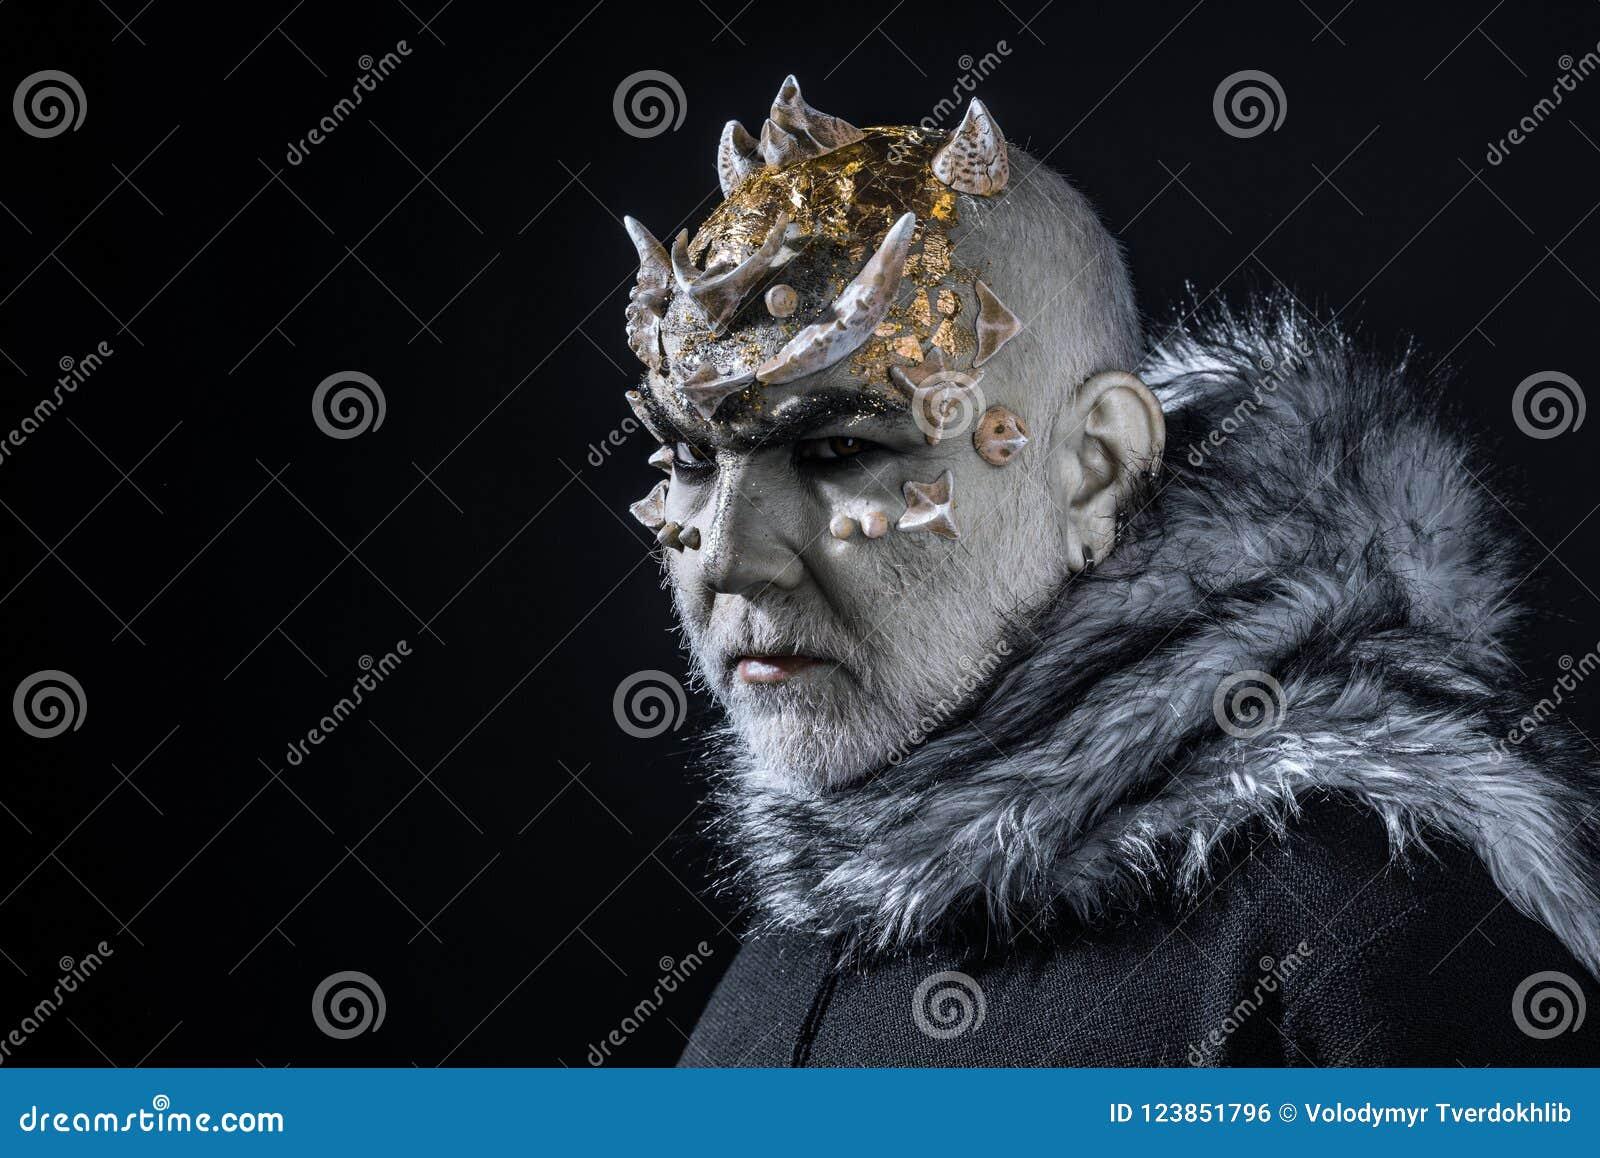 Vreemdeling, demon, tovenaarsmake-up Demon op zwarte achtergrond, exemplaarruimte Mens met doornen of wratten in bontjas theatraa